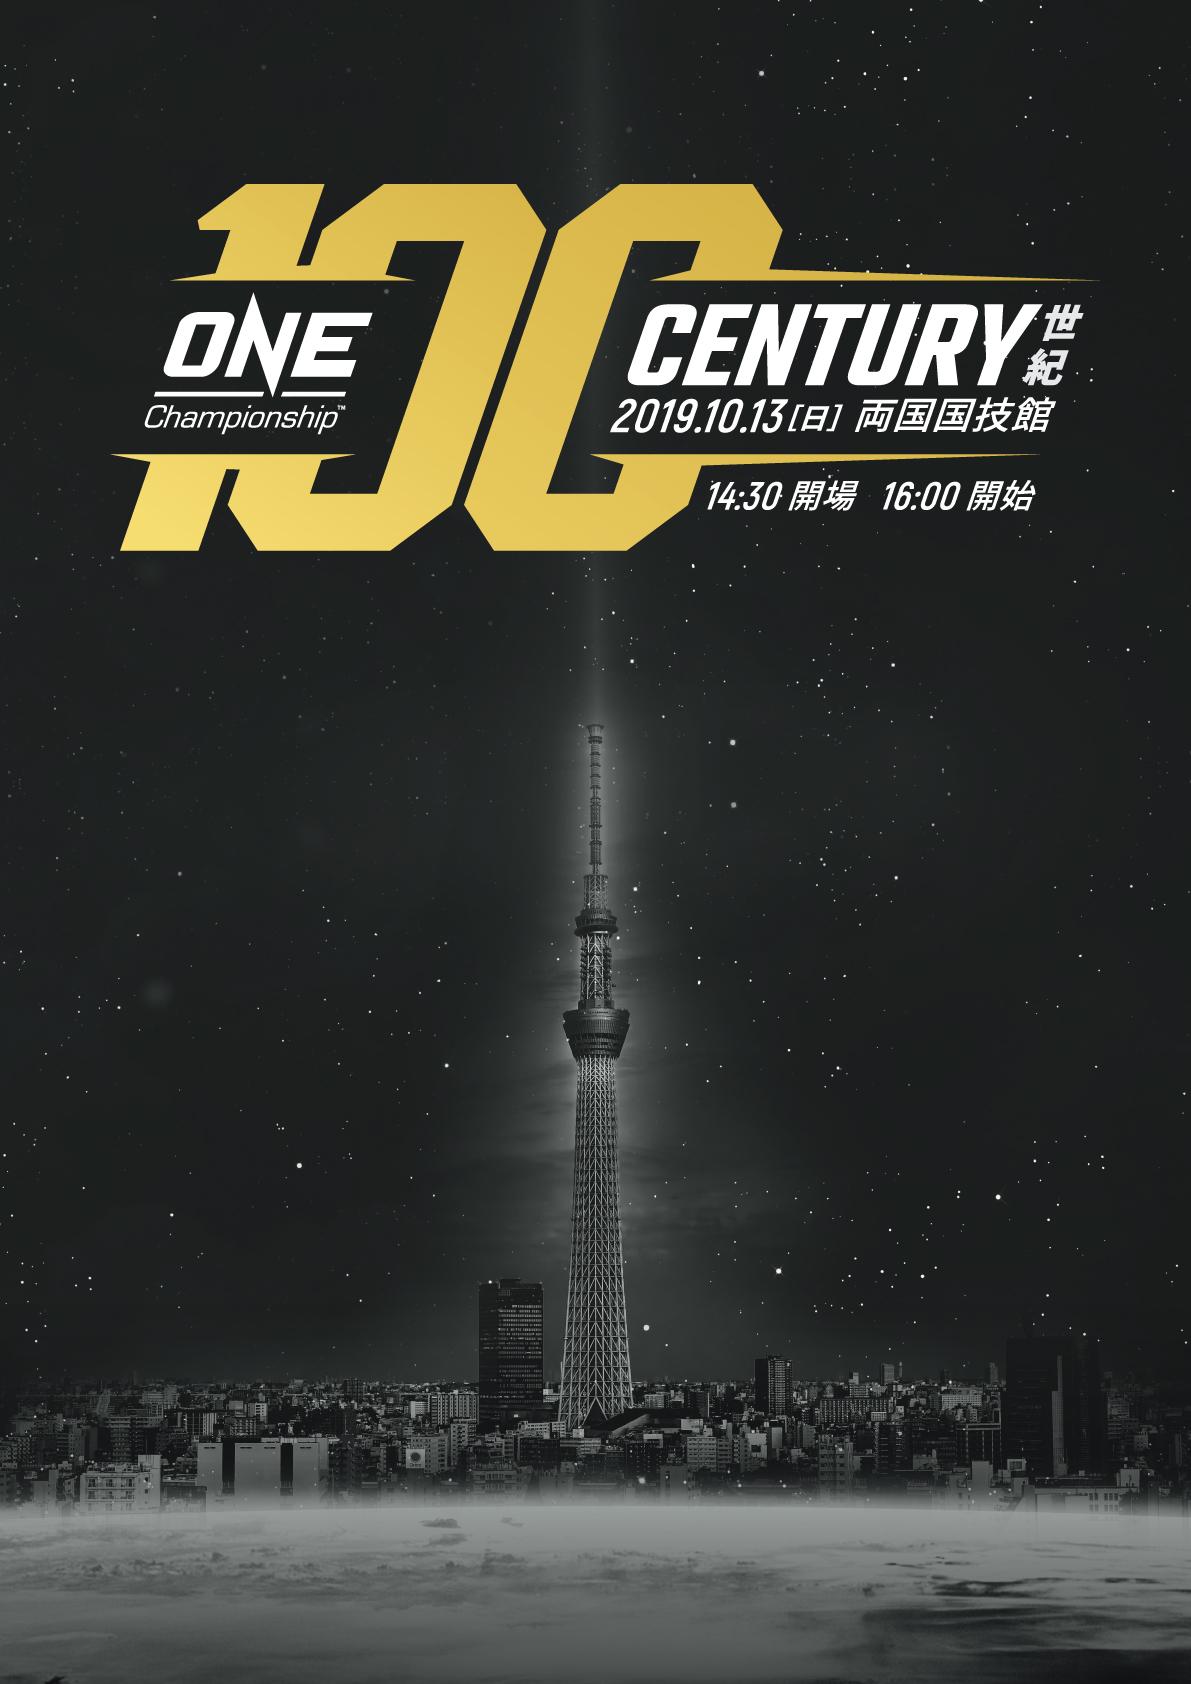 『ONE: CENTURY 世紀』は10月13日(日)開催